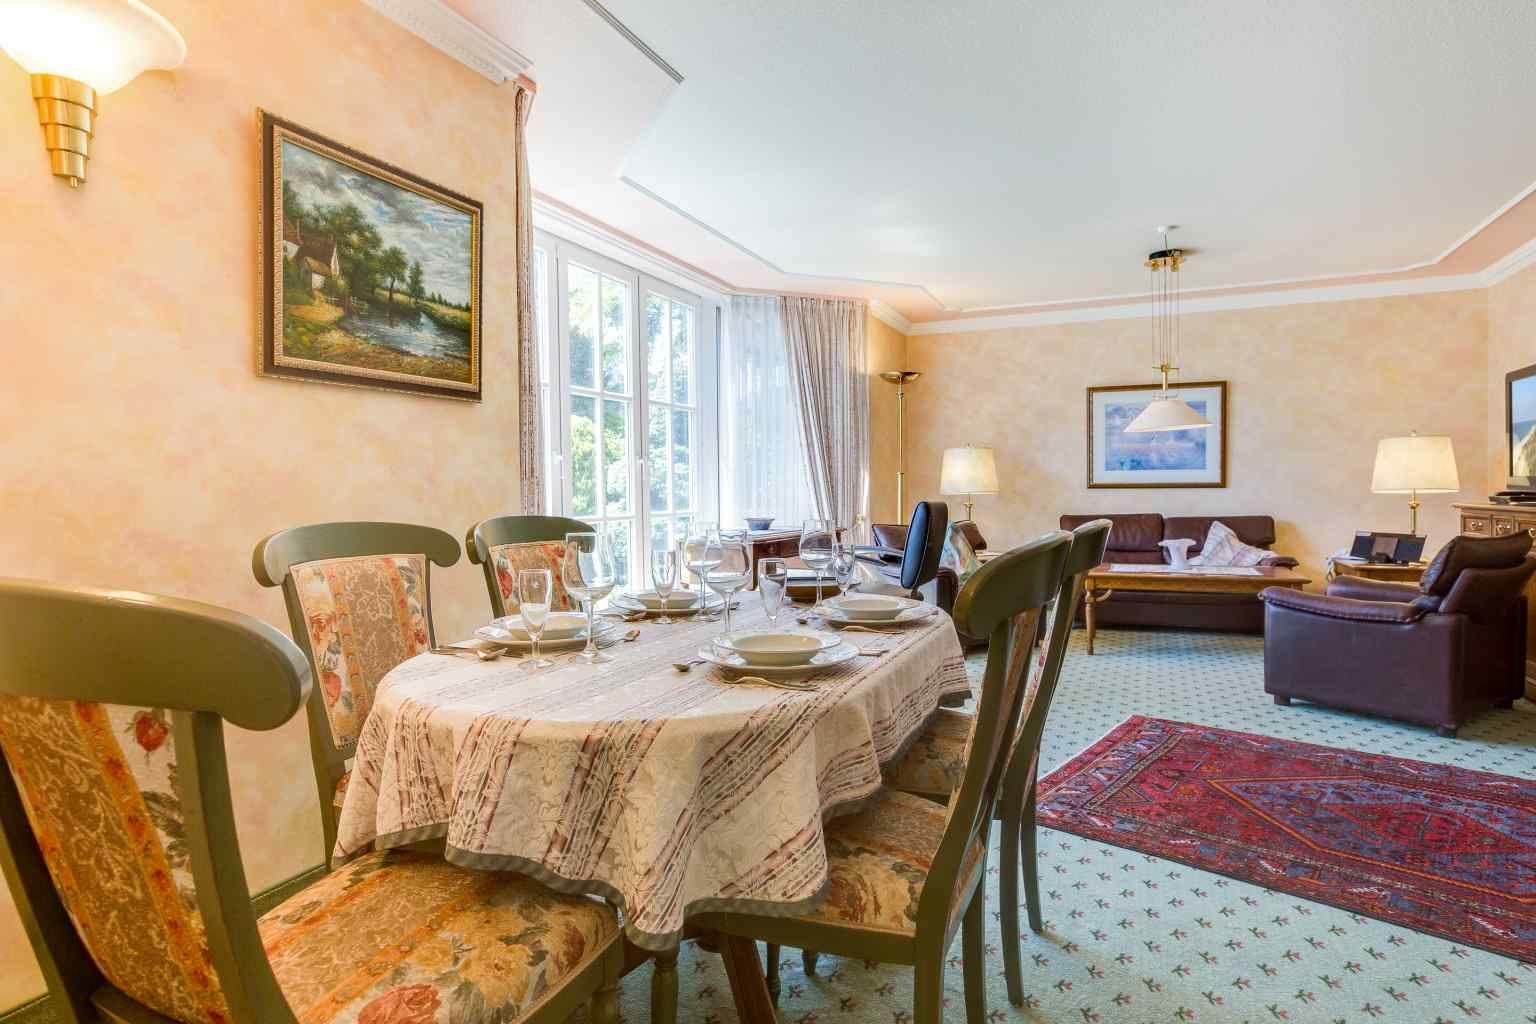 Essbereich im Wohnzimmer - St Peter Ording Bad, Kurparkvilla, Wohnung 1 Kaminsuite